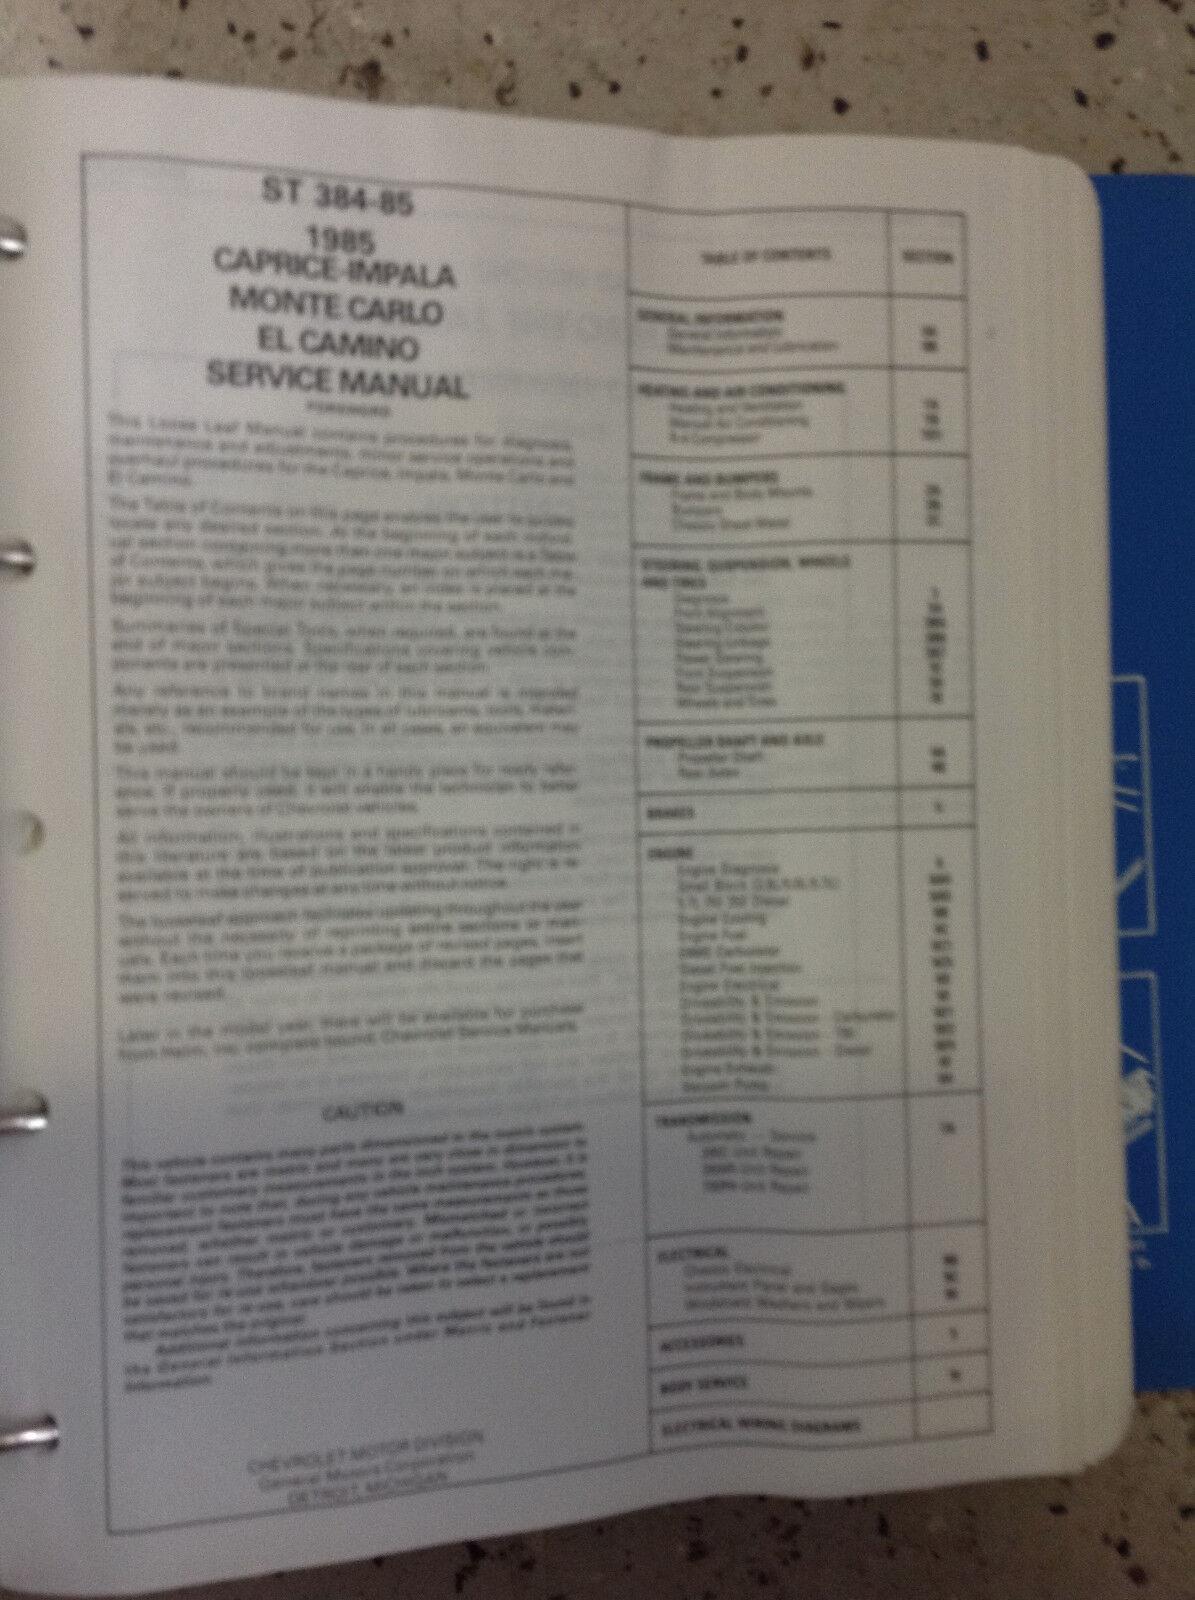 monte carlo service manual 1985